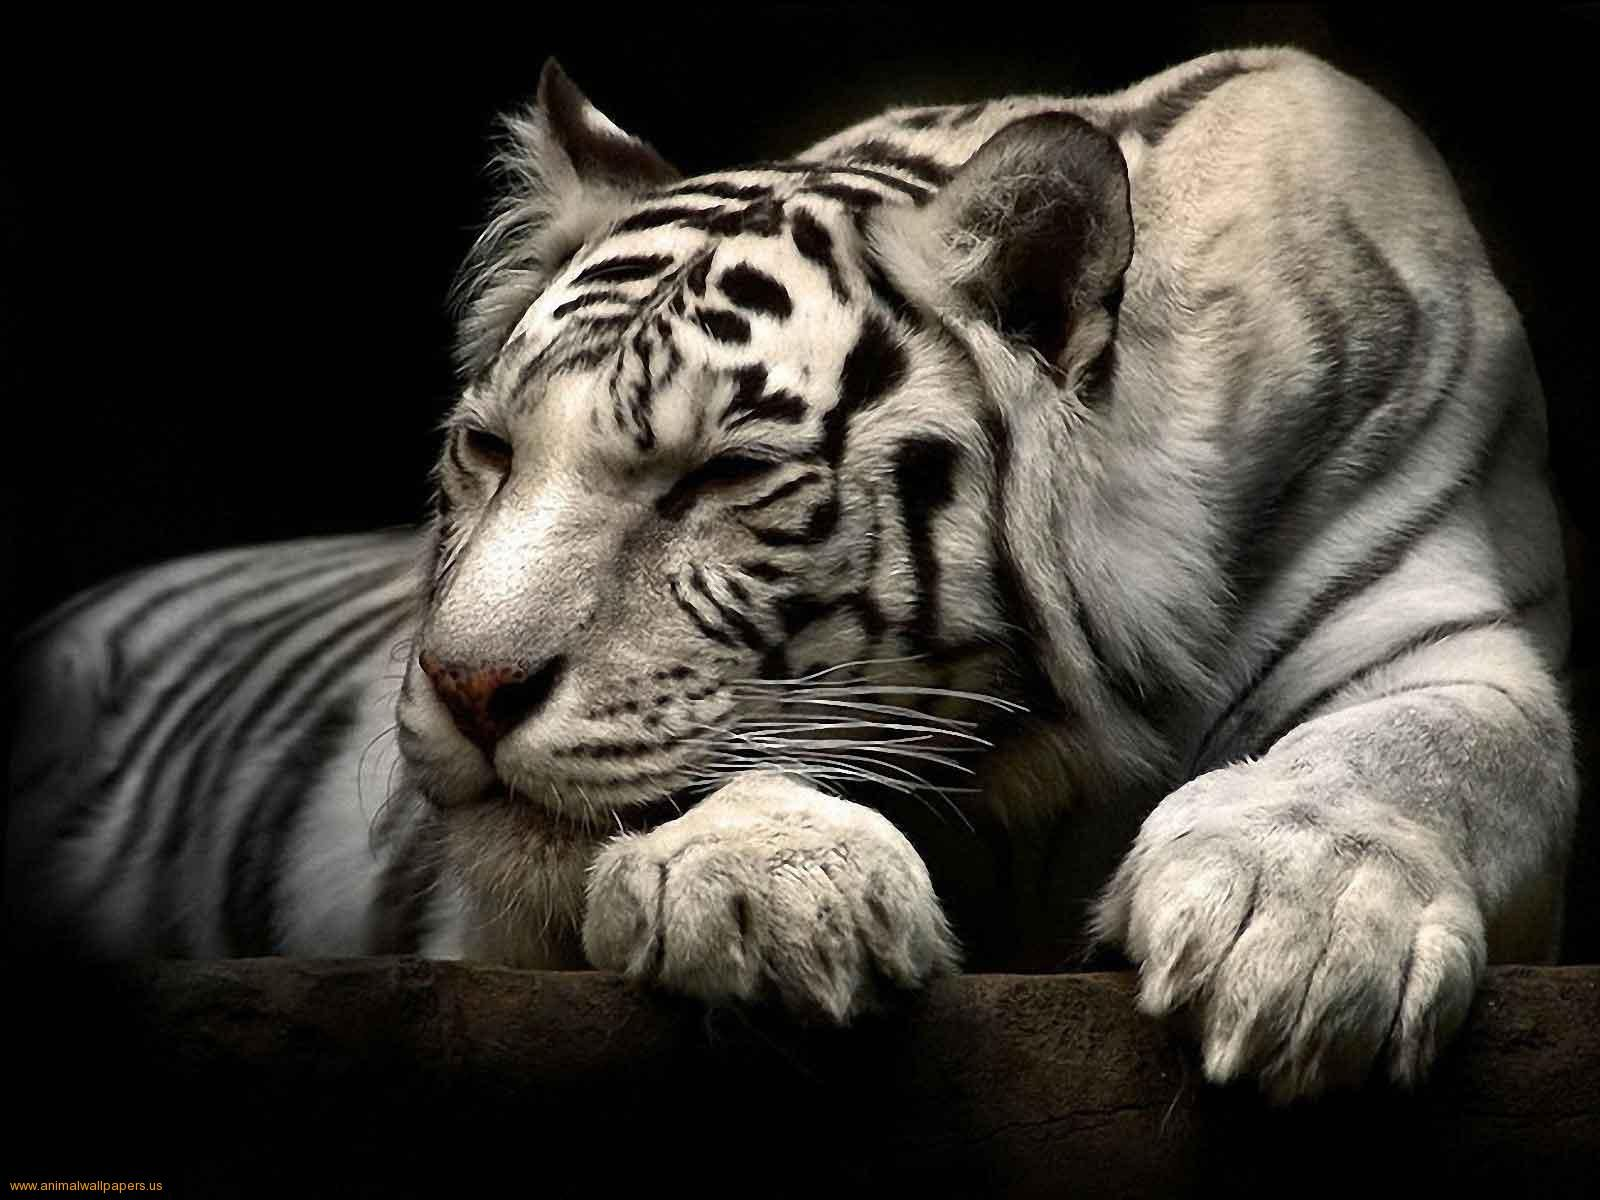 7 best white tiger images on pinterest | bengal tiger, tiger tiger